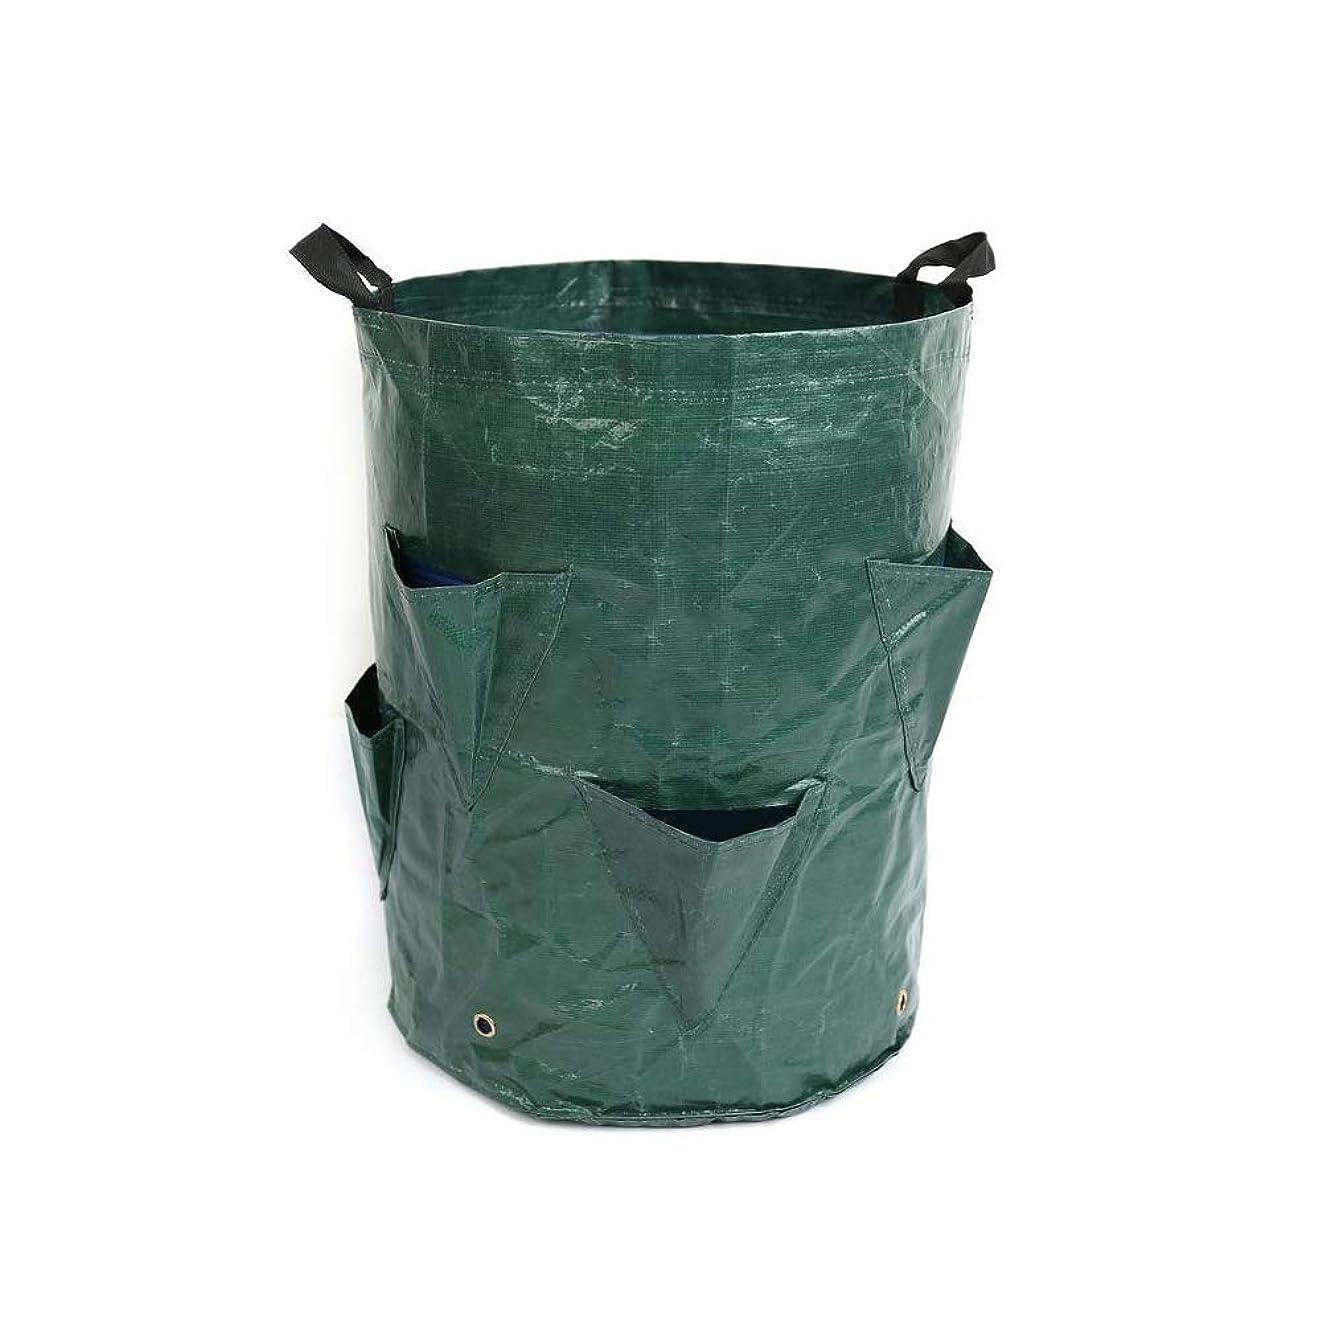 癌クルークリケット自立式 ガーデンバケツ 再利用可能な庭の落葉貯蔵袋、ガーデンガーデニングバレル、美しい植付袋、PPガーデンごみ袋。 大容量